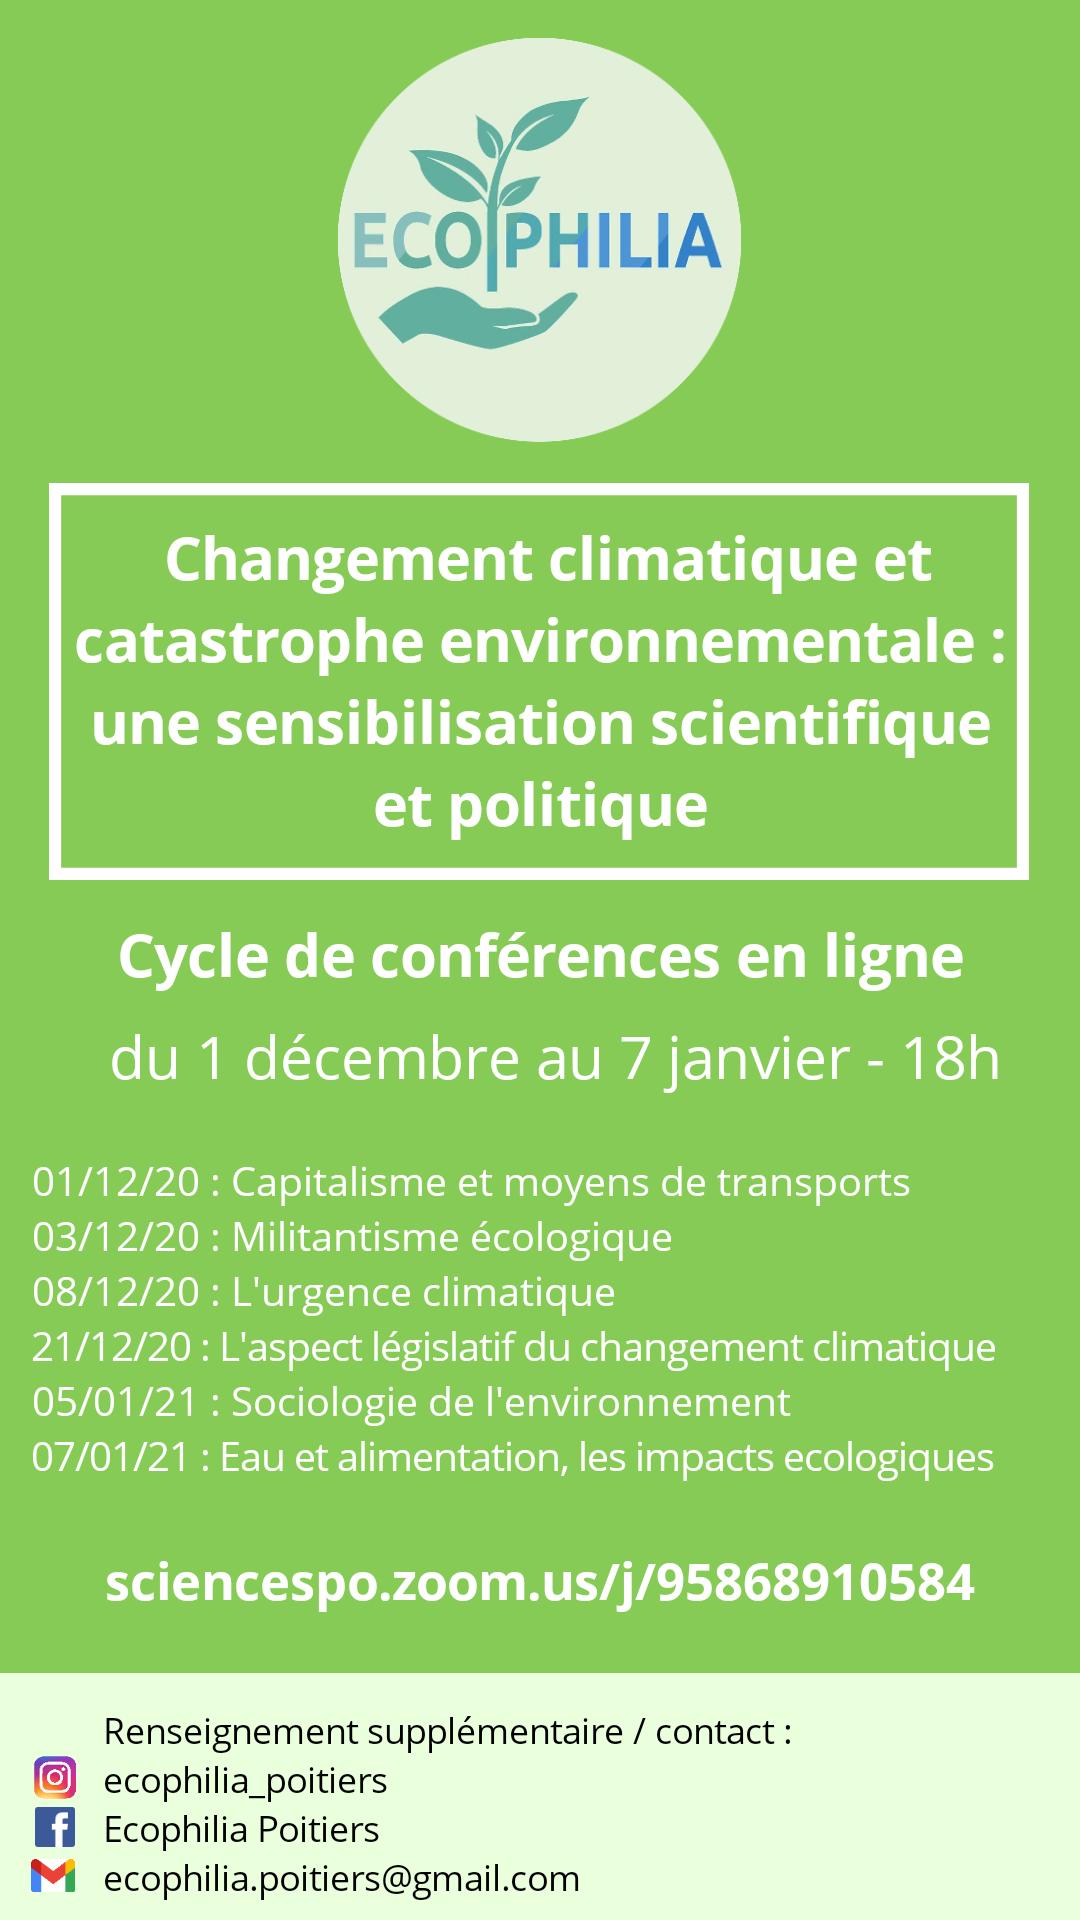 Cycle de conférences : Ecophilia